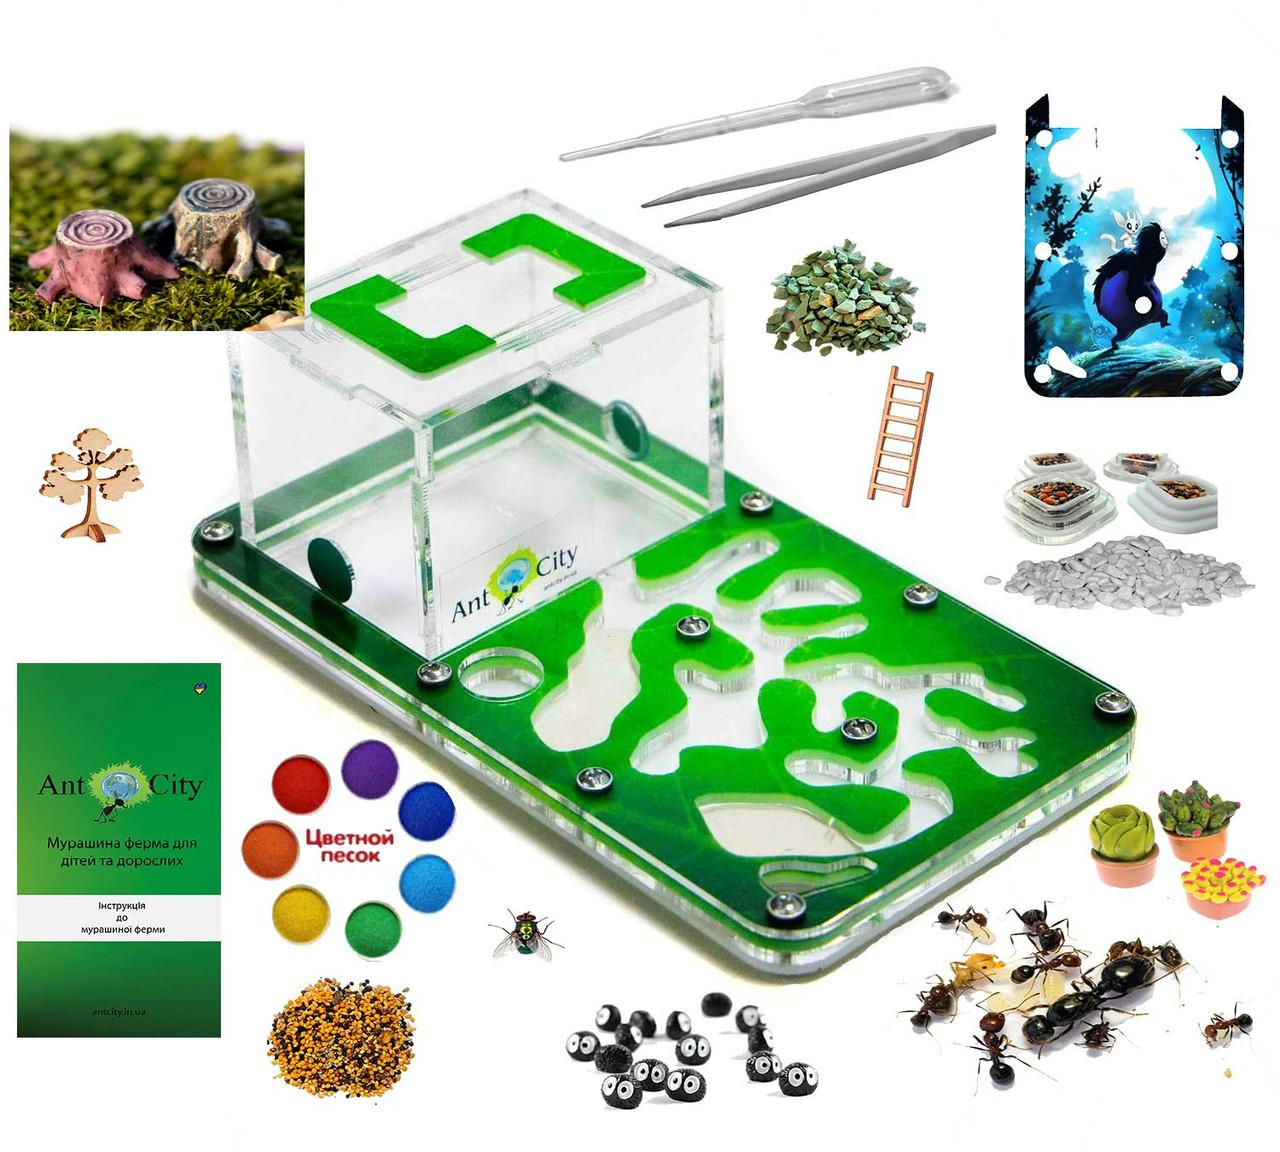 """Мурашина ферма Смарт """"Амазонка"""" Комплект Преміум + колонія мурашок, корм, декор (18x10x7 см)"""